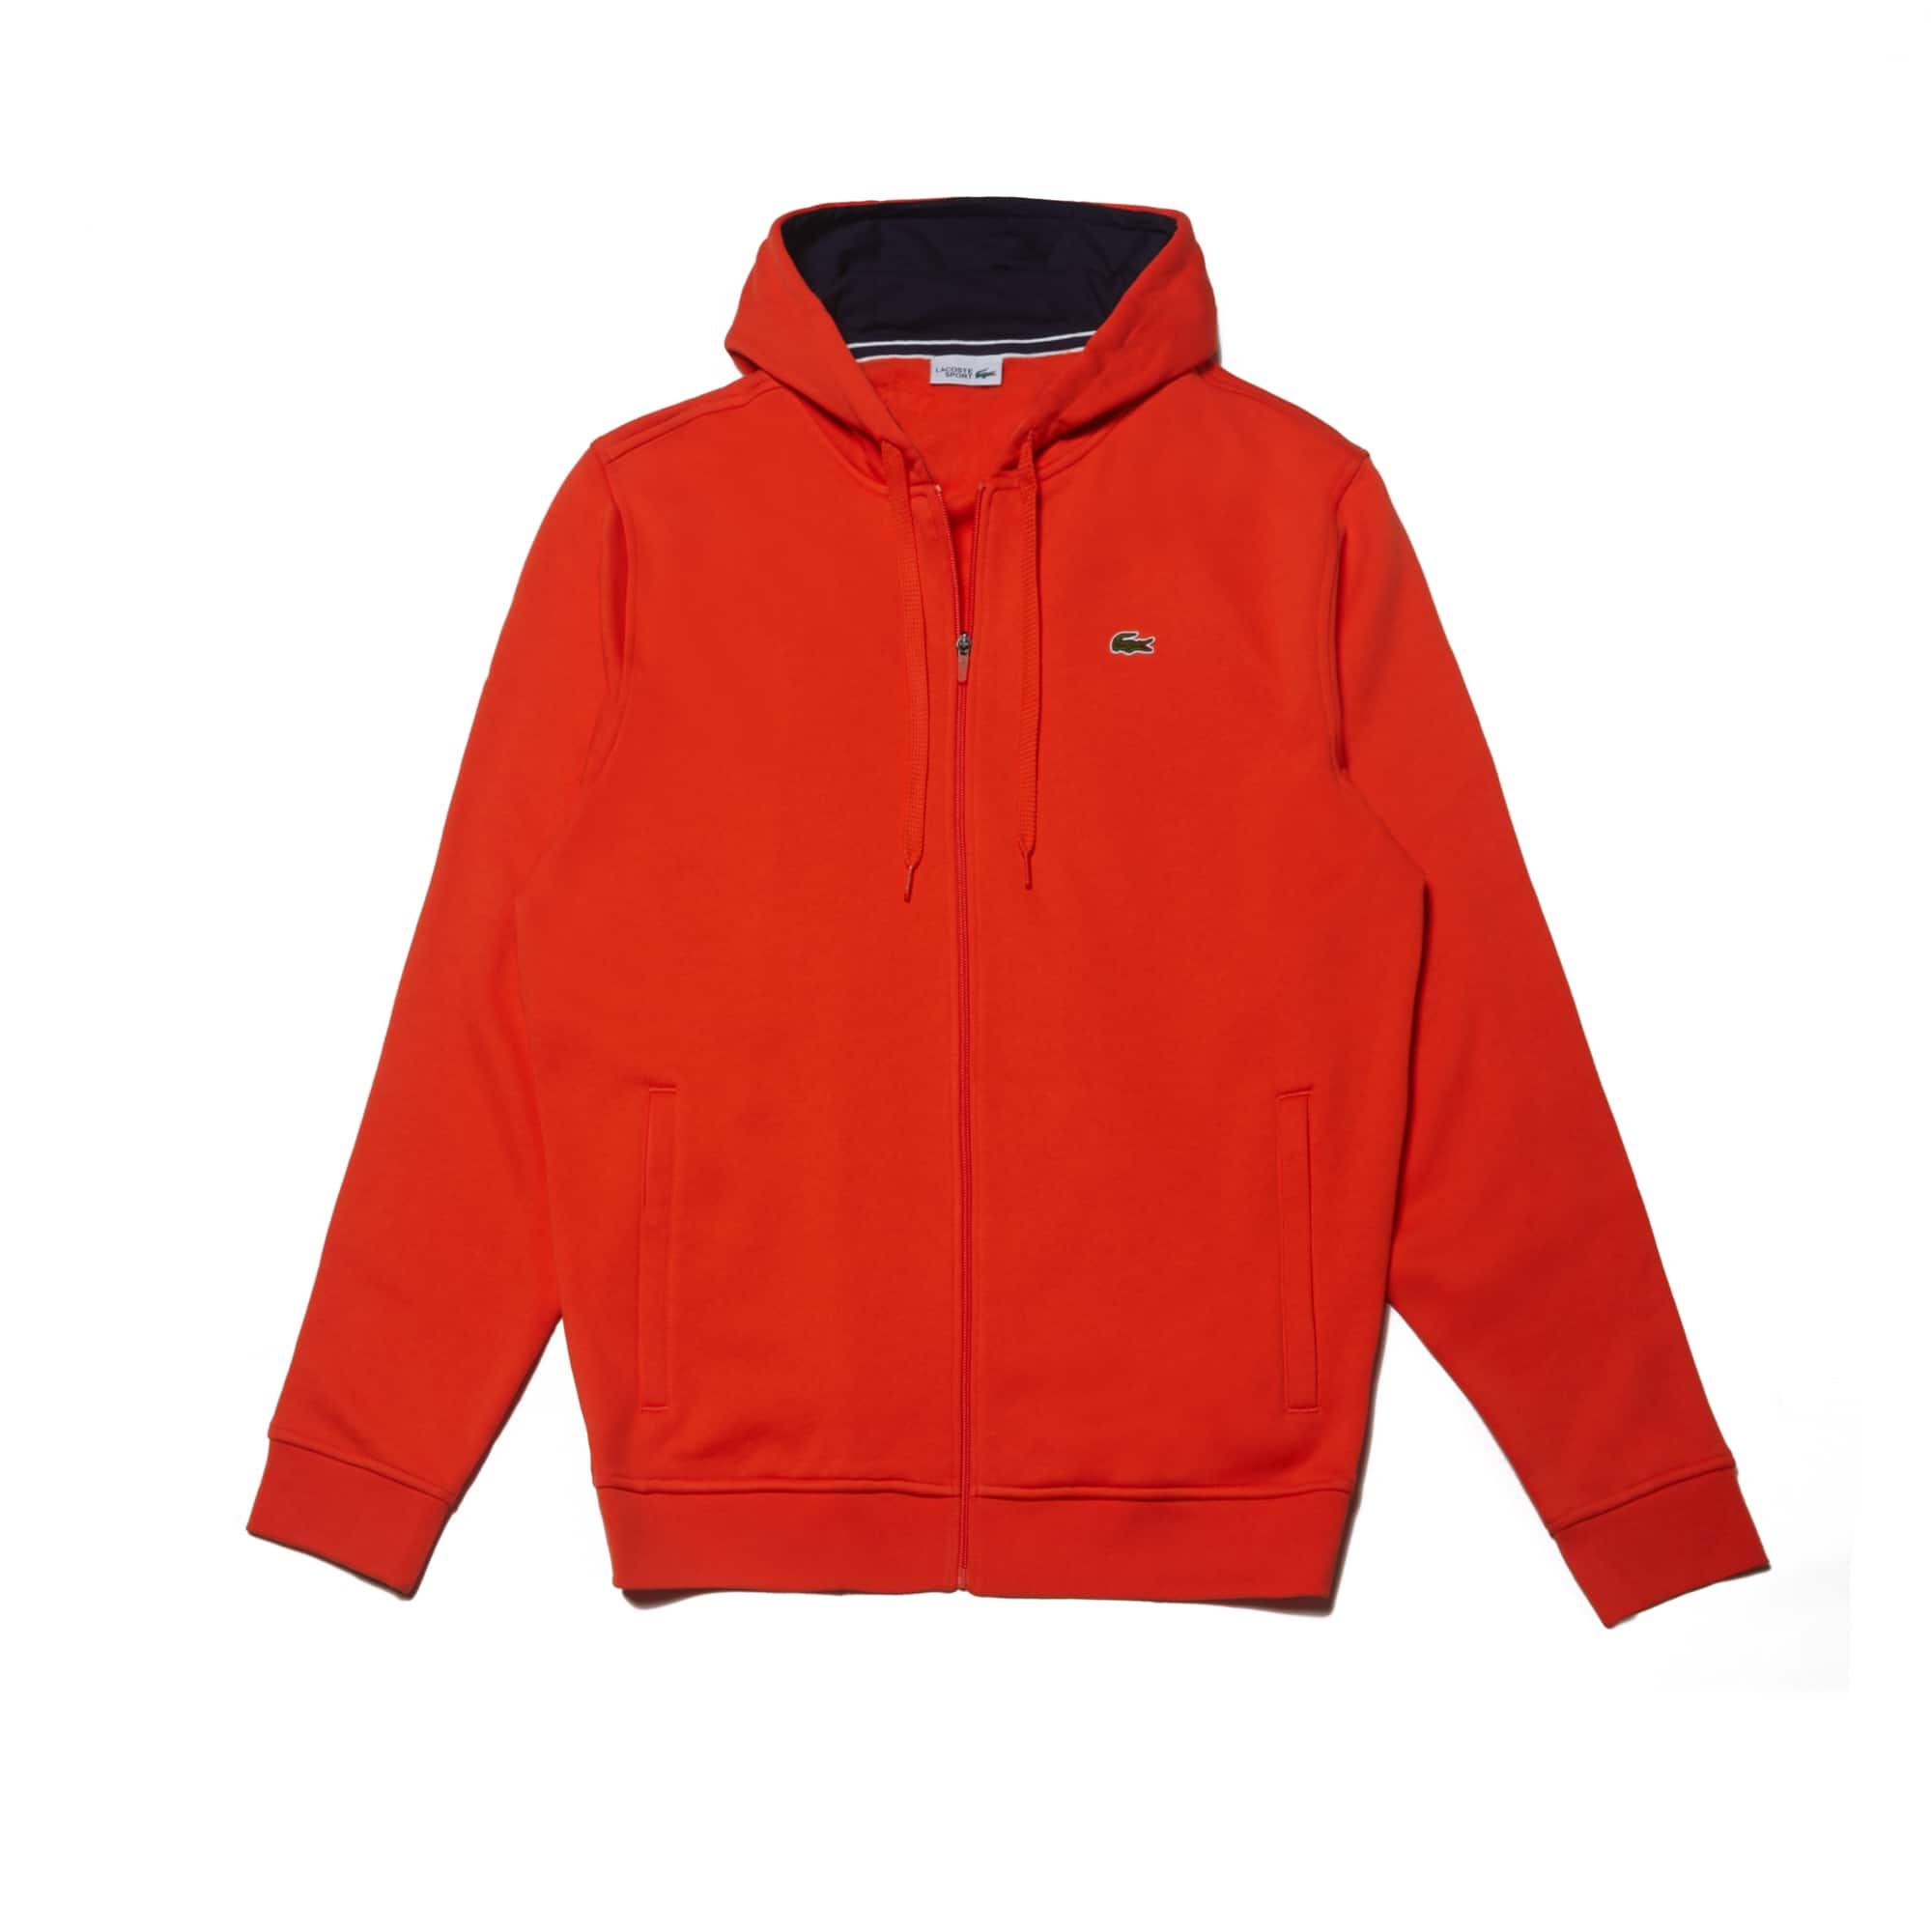 라코스테 Lacoste Mens SPORT Tennis Fleece Zip Up,red / navy blue